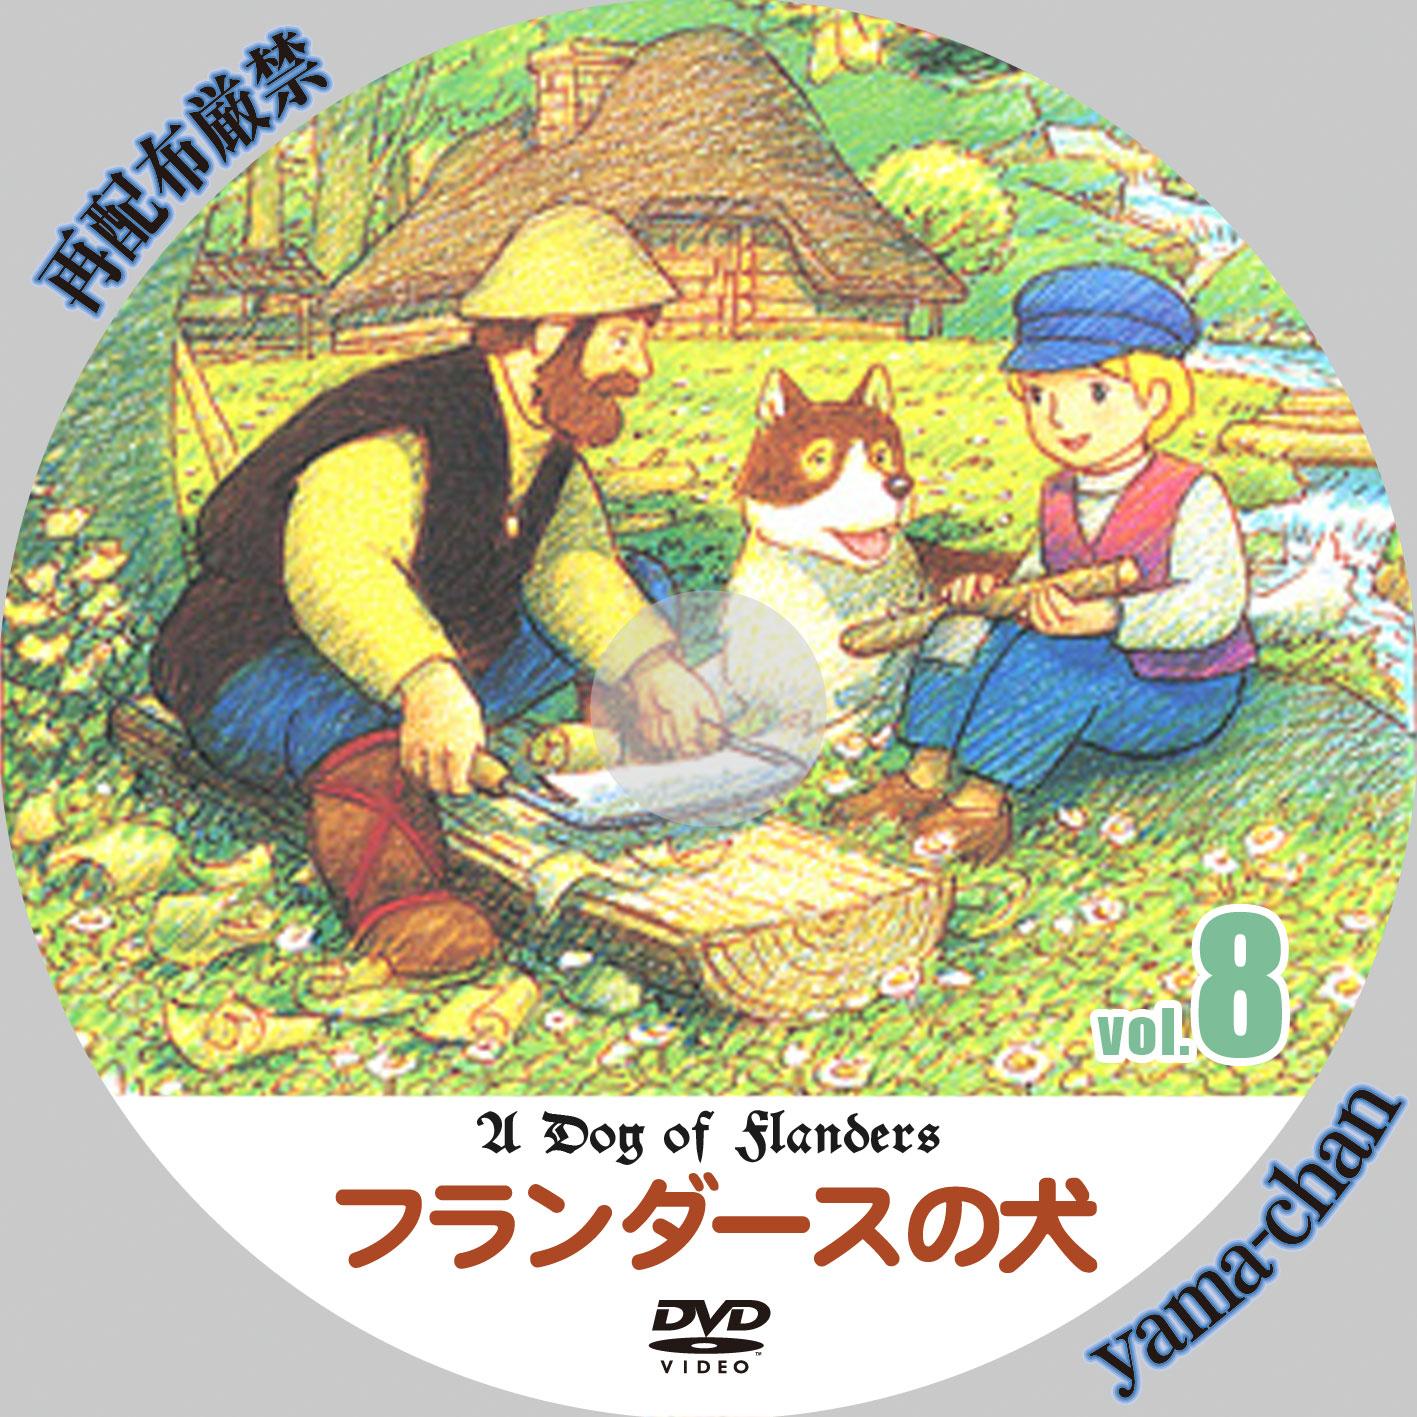 フランダース の 犬 劇場 版 dvd ラベル